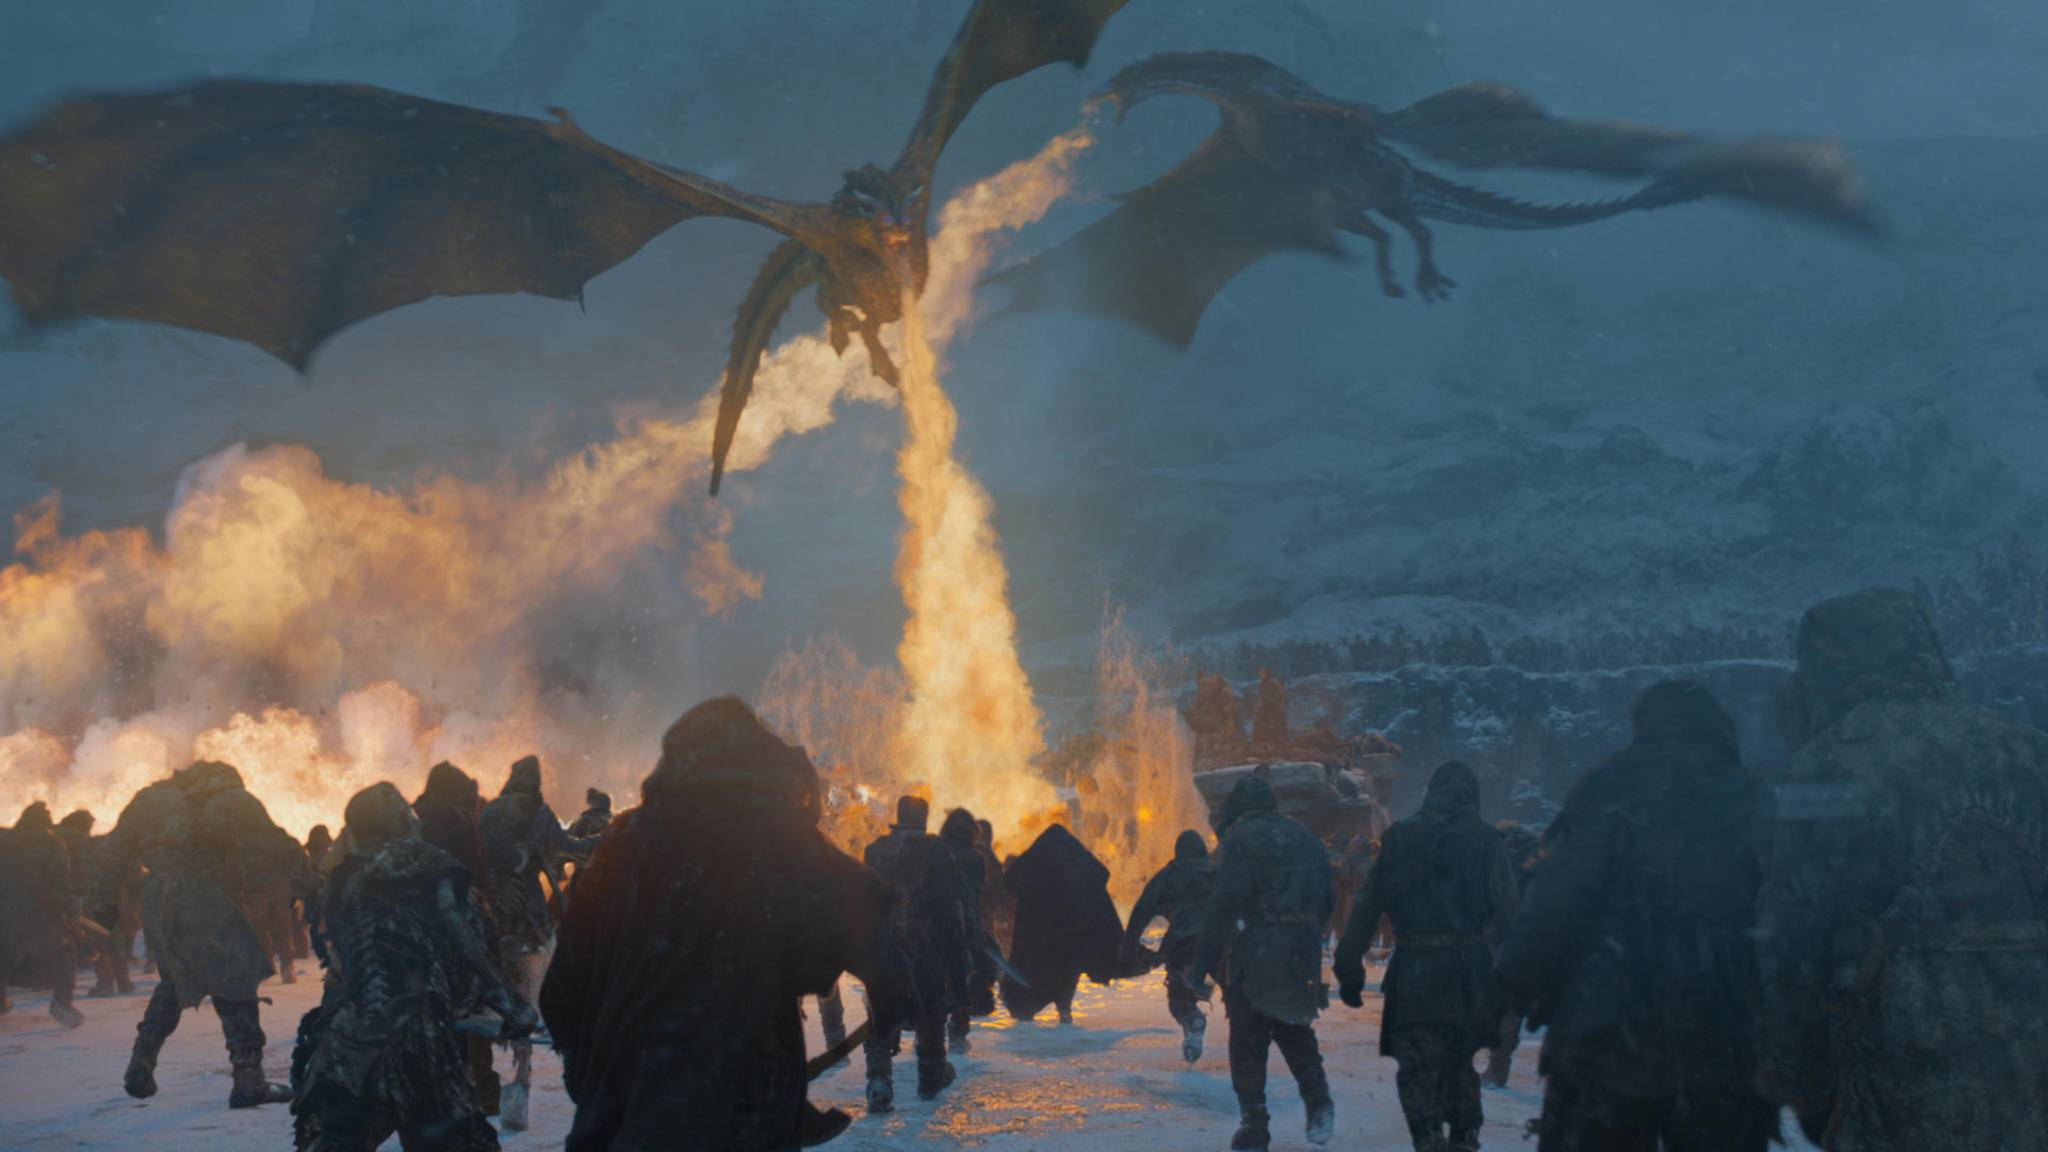 Die Drachen dienen Daenerys Targaryen als mächtige Waffe im Kampf.